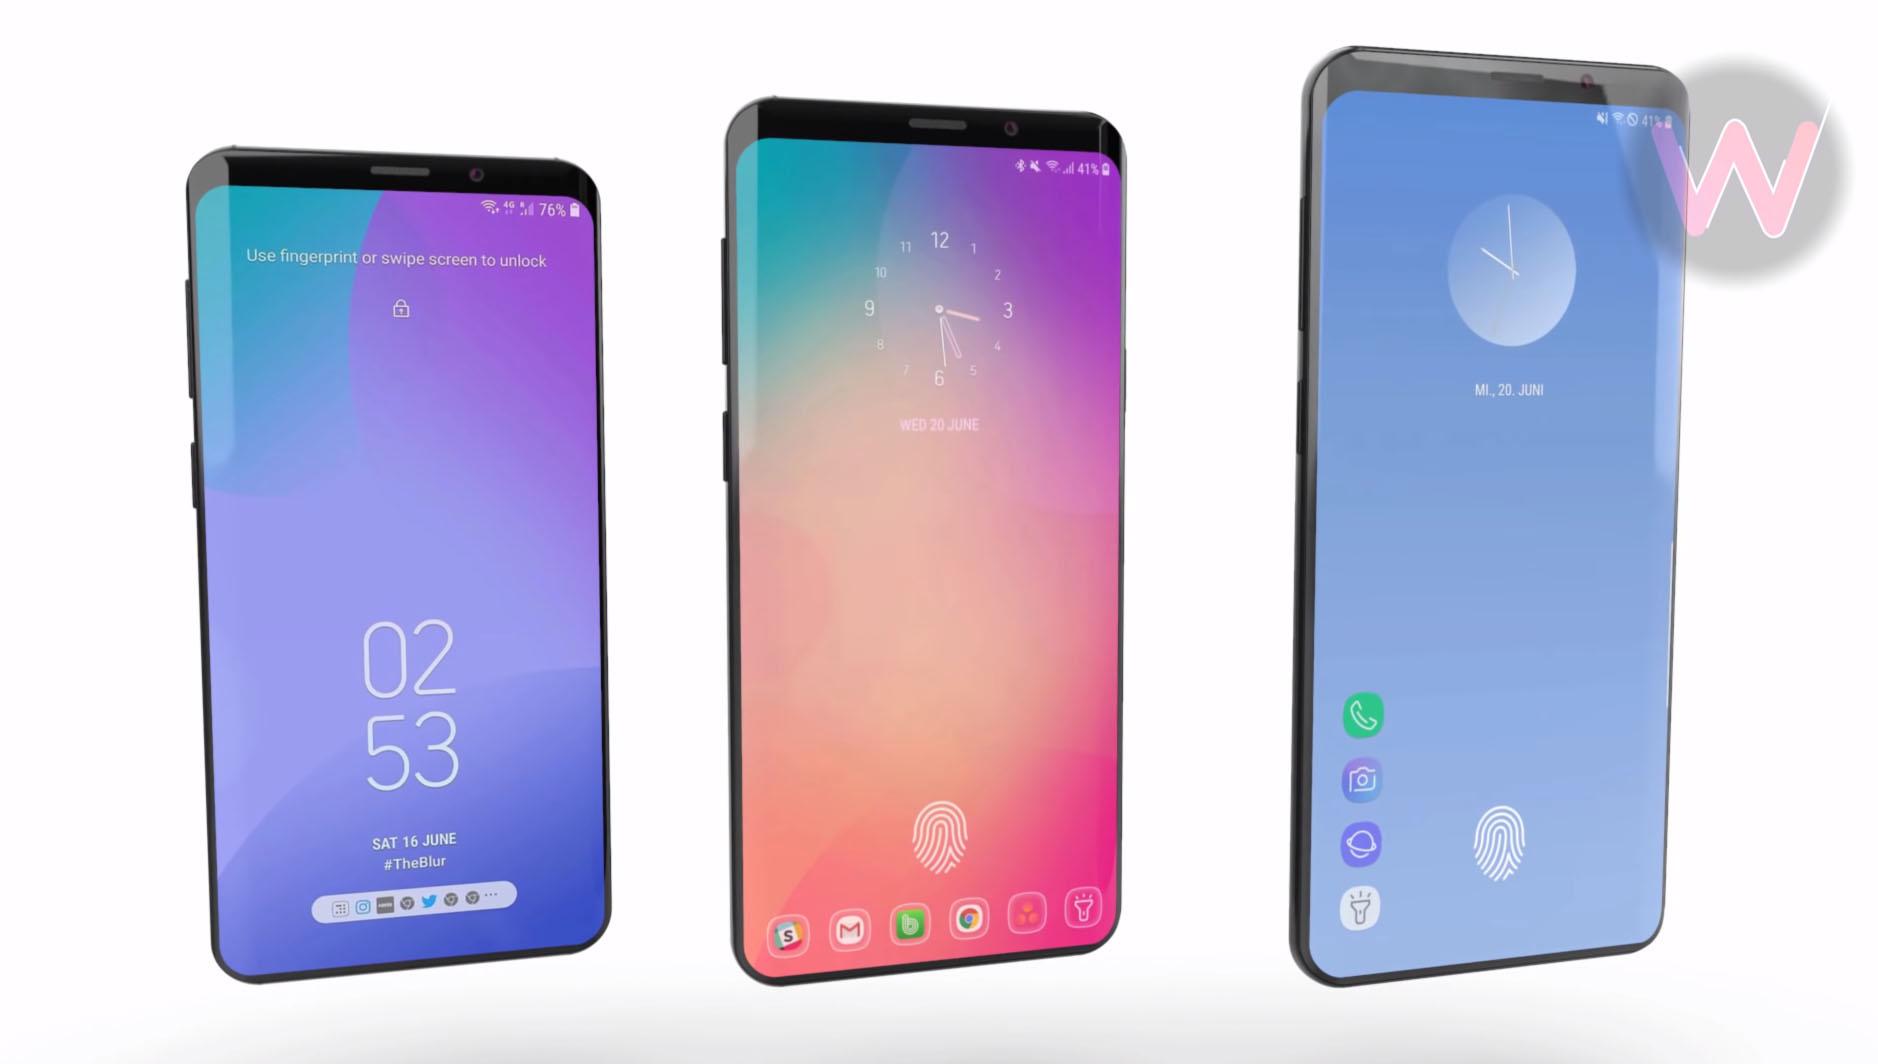 Samsung Galaxy S10 : la déclinaison 5G se confirme, les 3 autres devraient être 4G